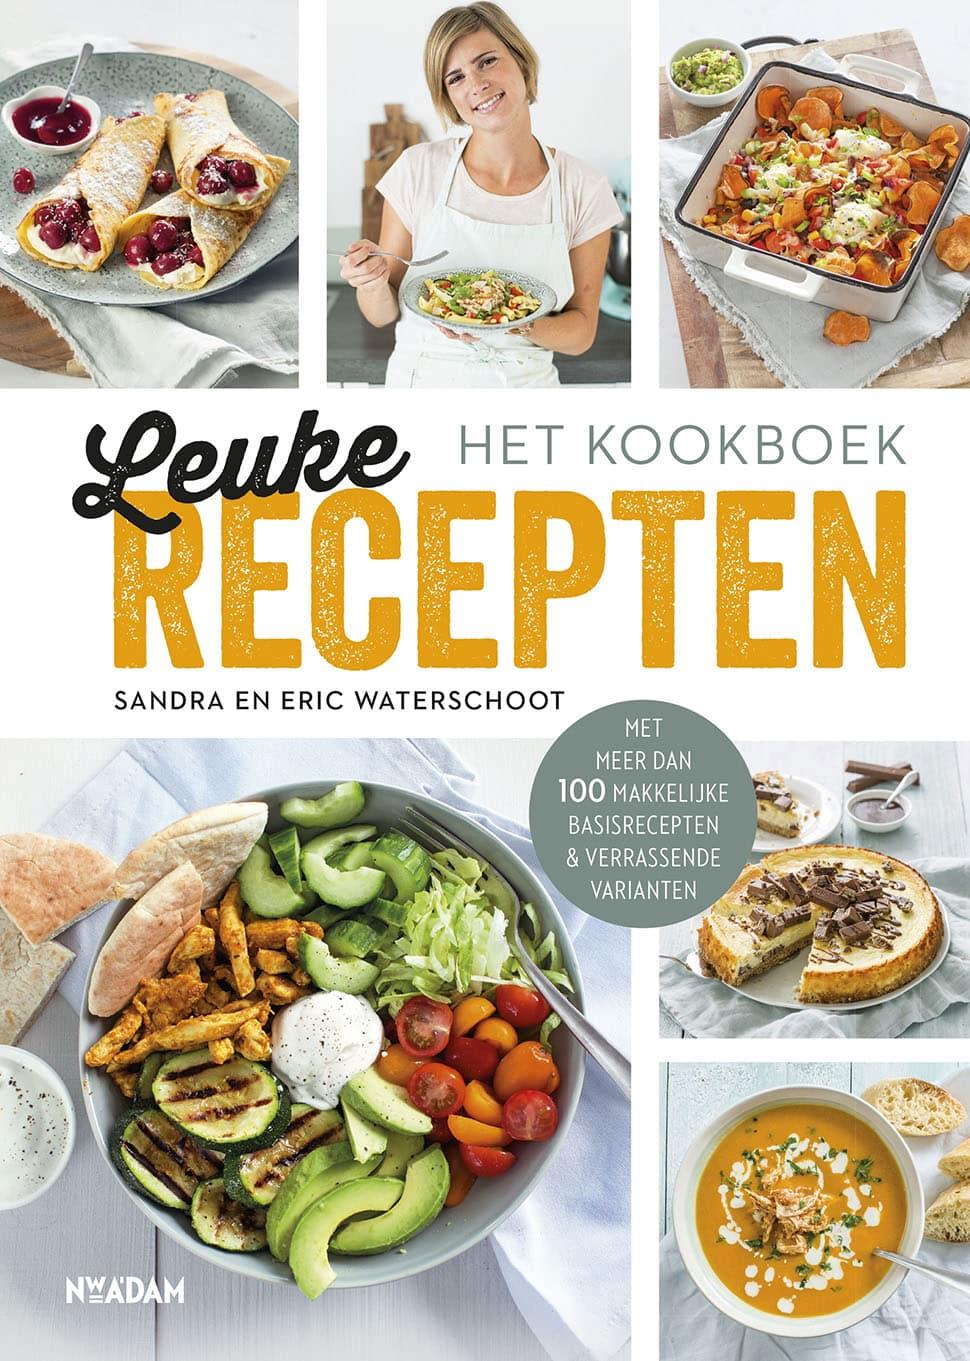 Leuke Recepten kookboek